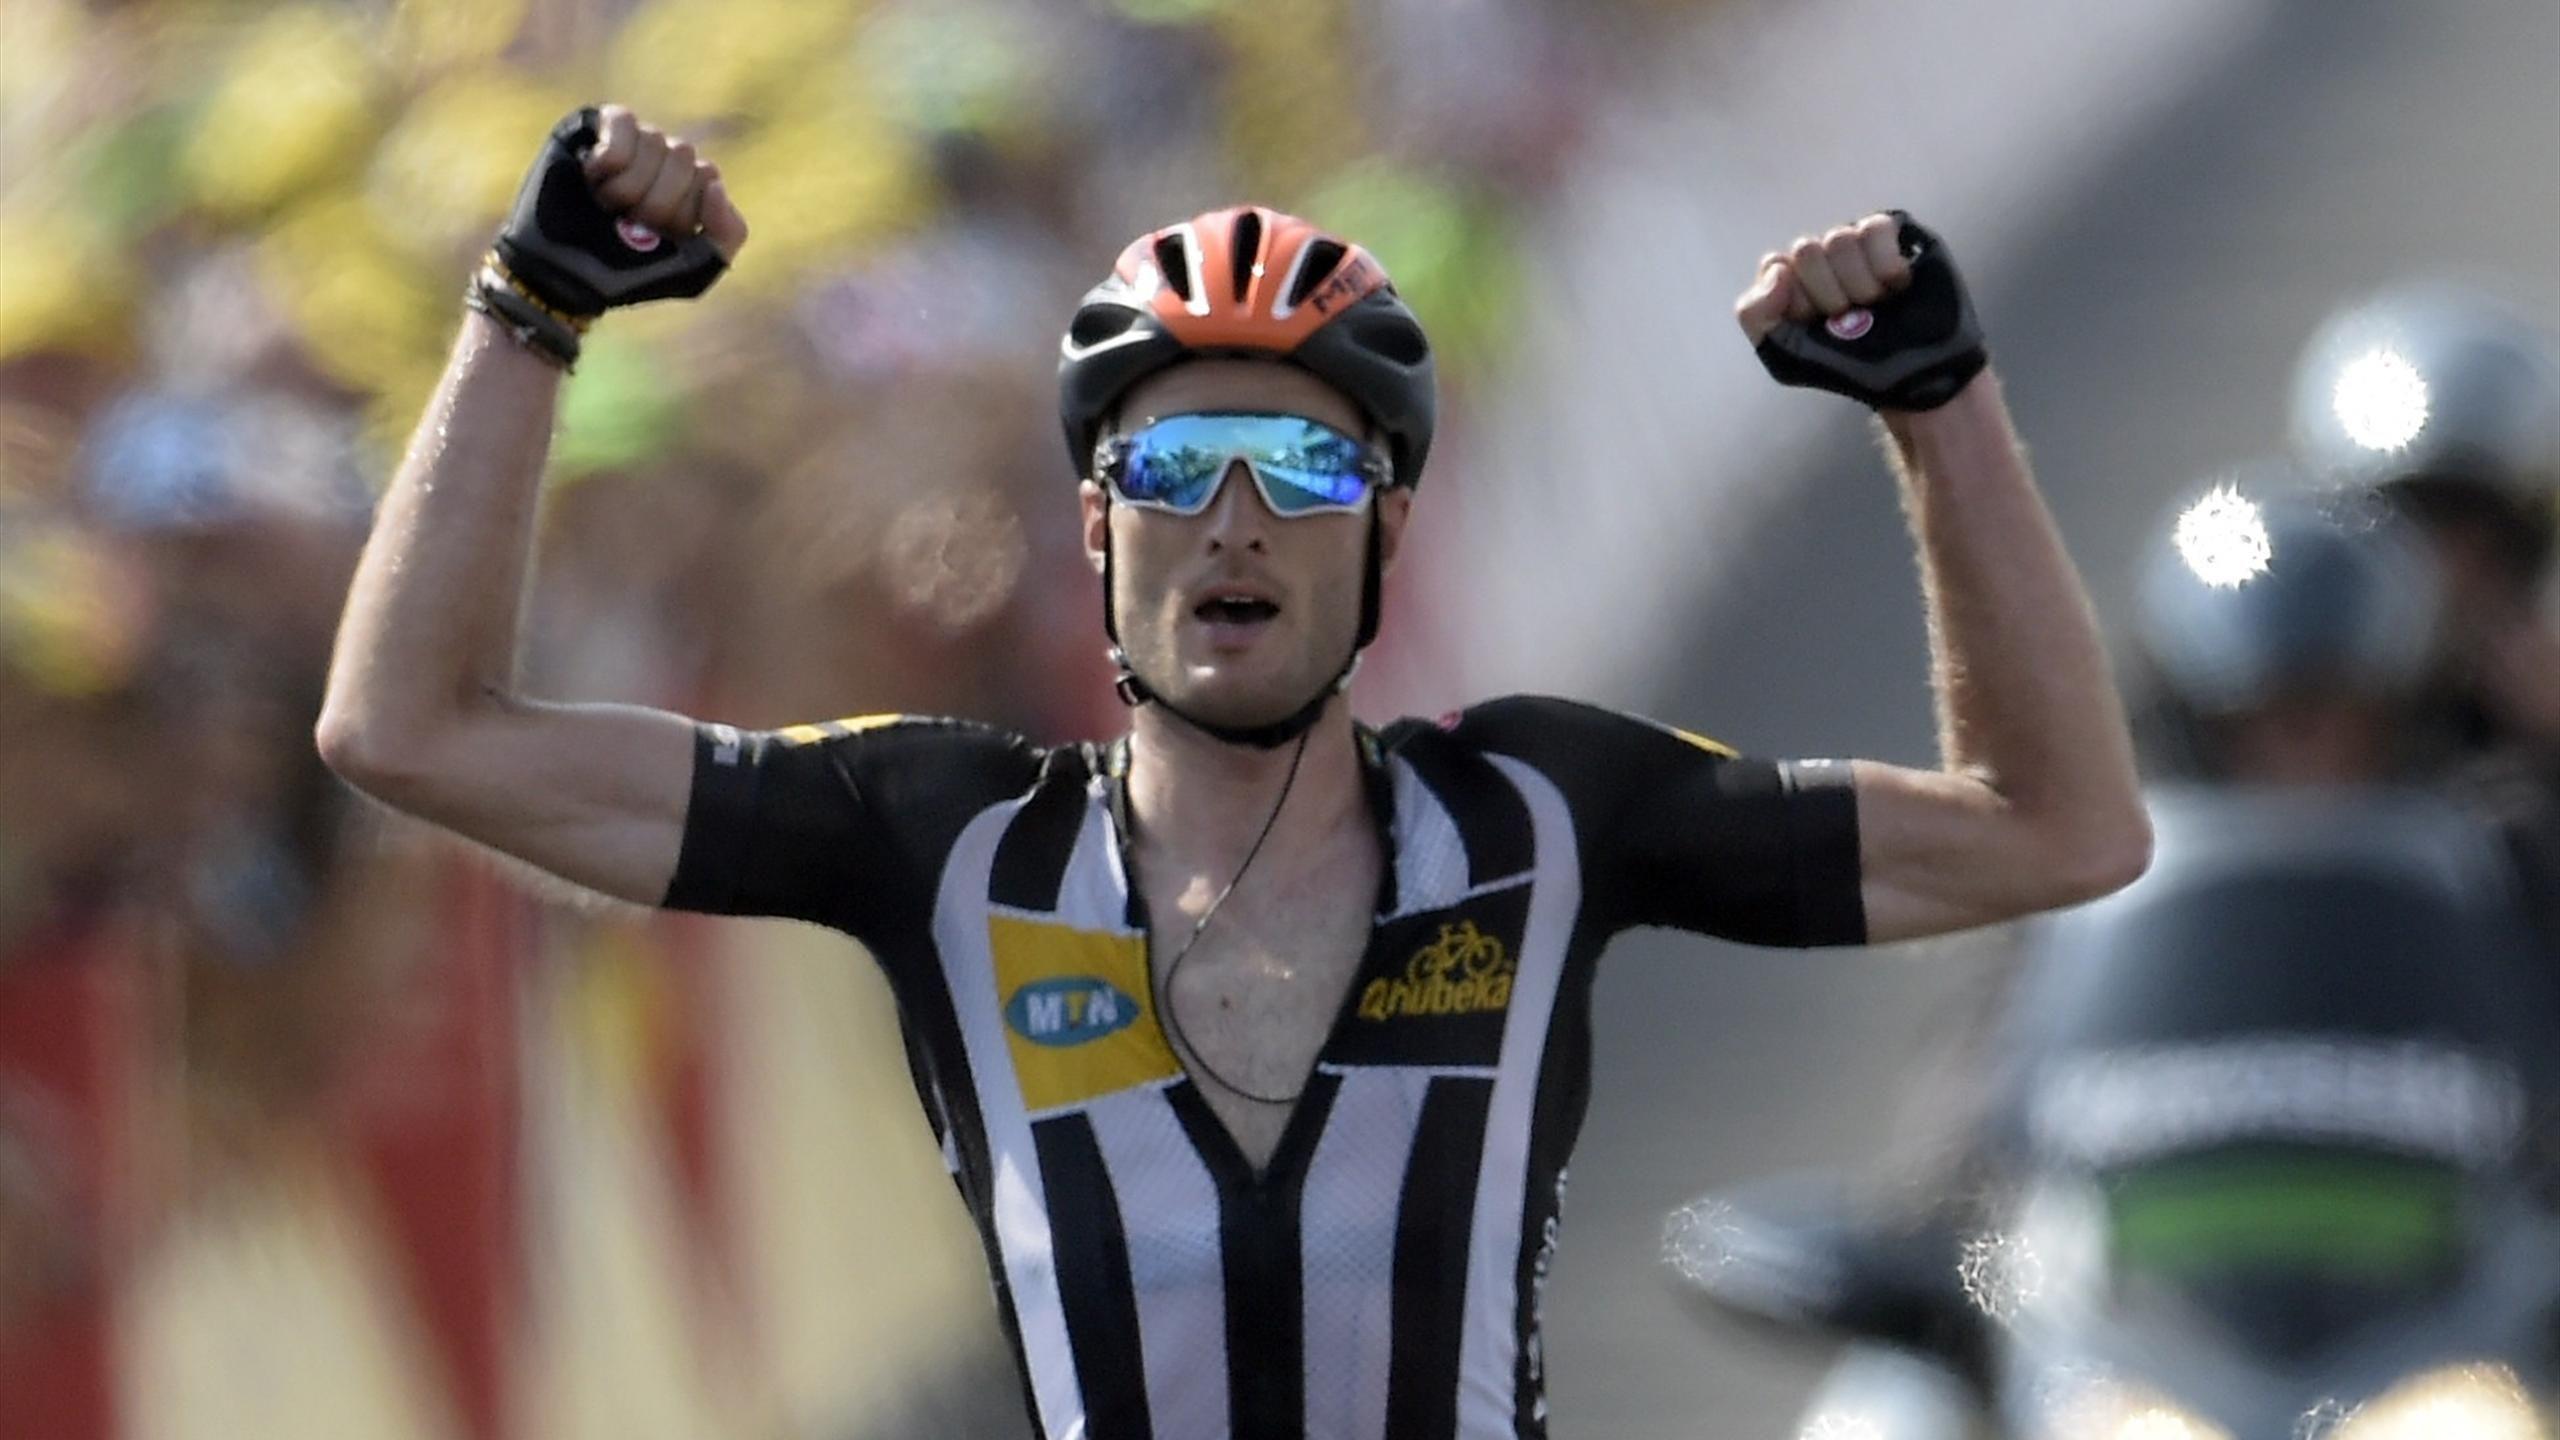 Tour de France - Cummings wins Tour de France 14th stage, Froome still leads